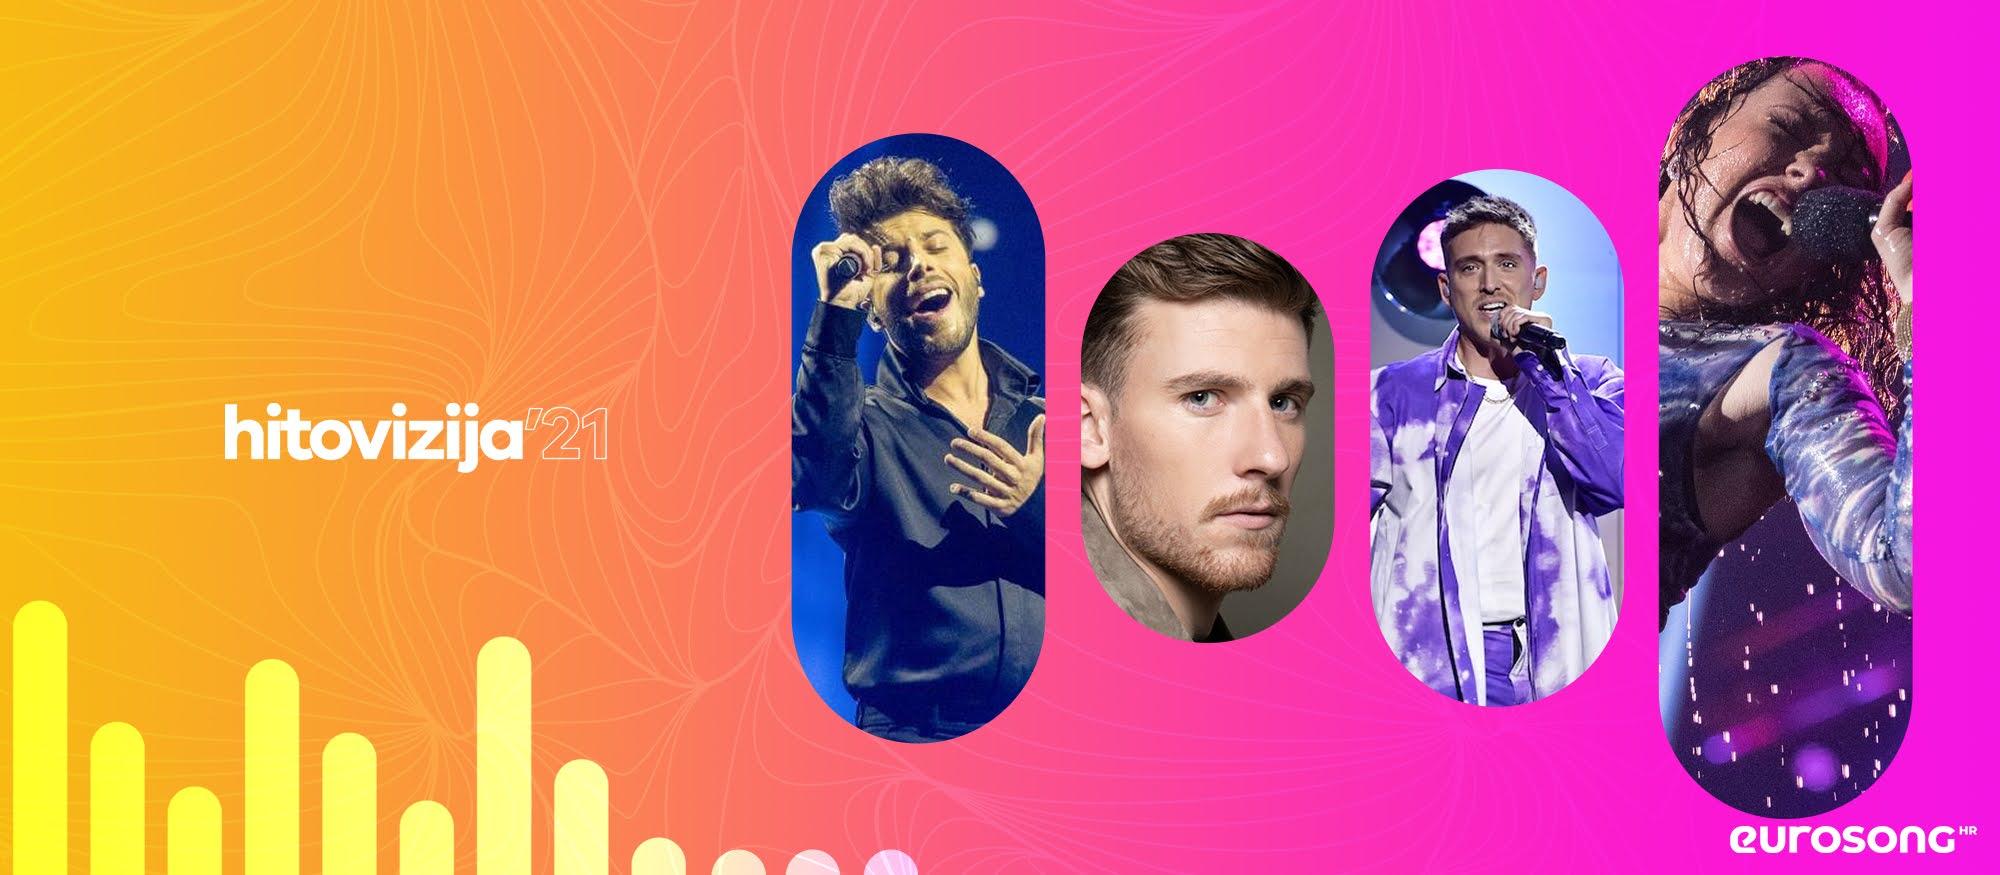 Logo projekta Hitovizija, najveći hitovi nacionalnih izbora 2021: Blas Canto, Casanova, Danny Saucedo, Raylee